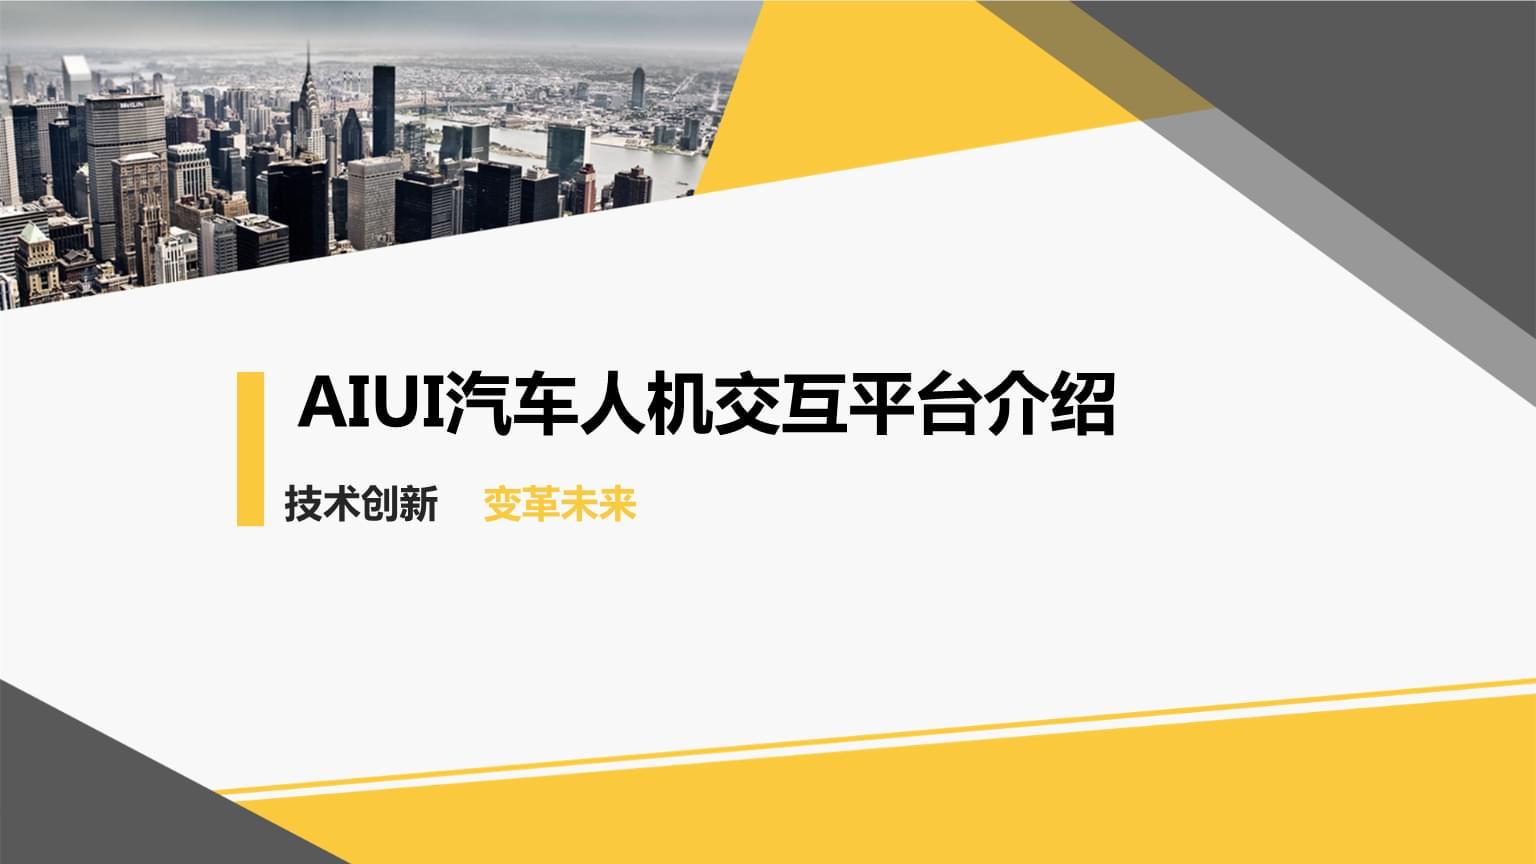 AIUI汽车人机交互平台介绍.pptx